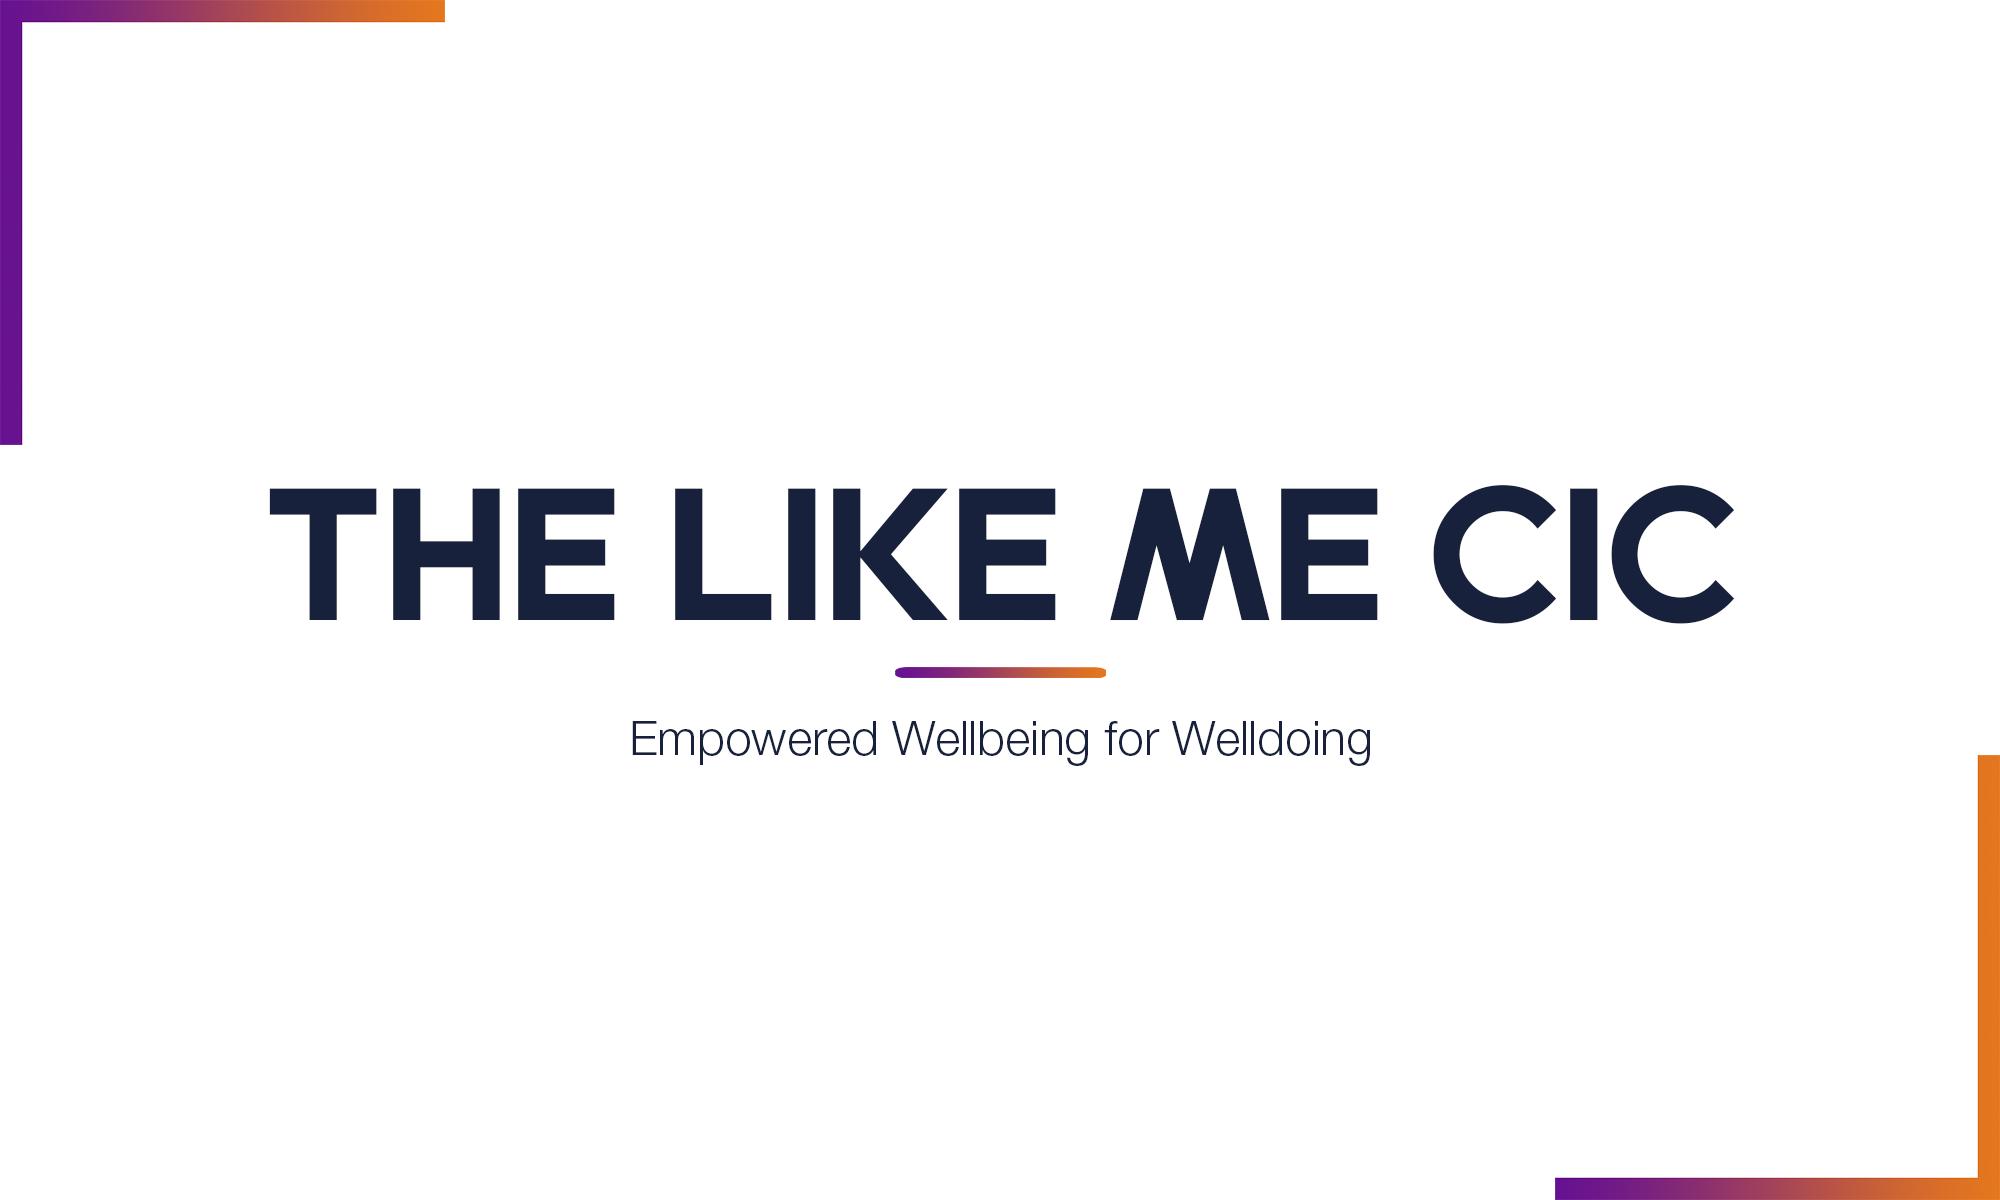 The Like Me CIC